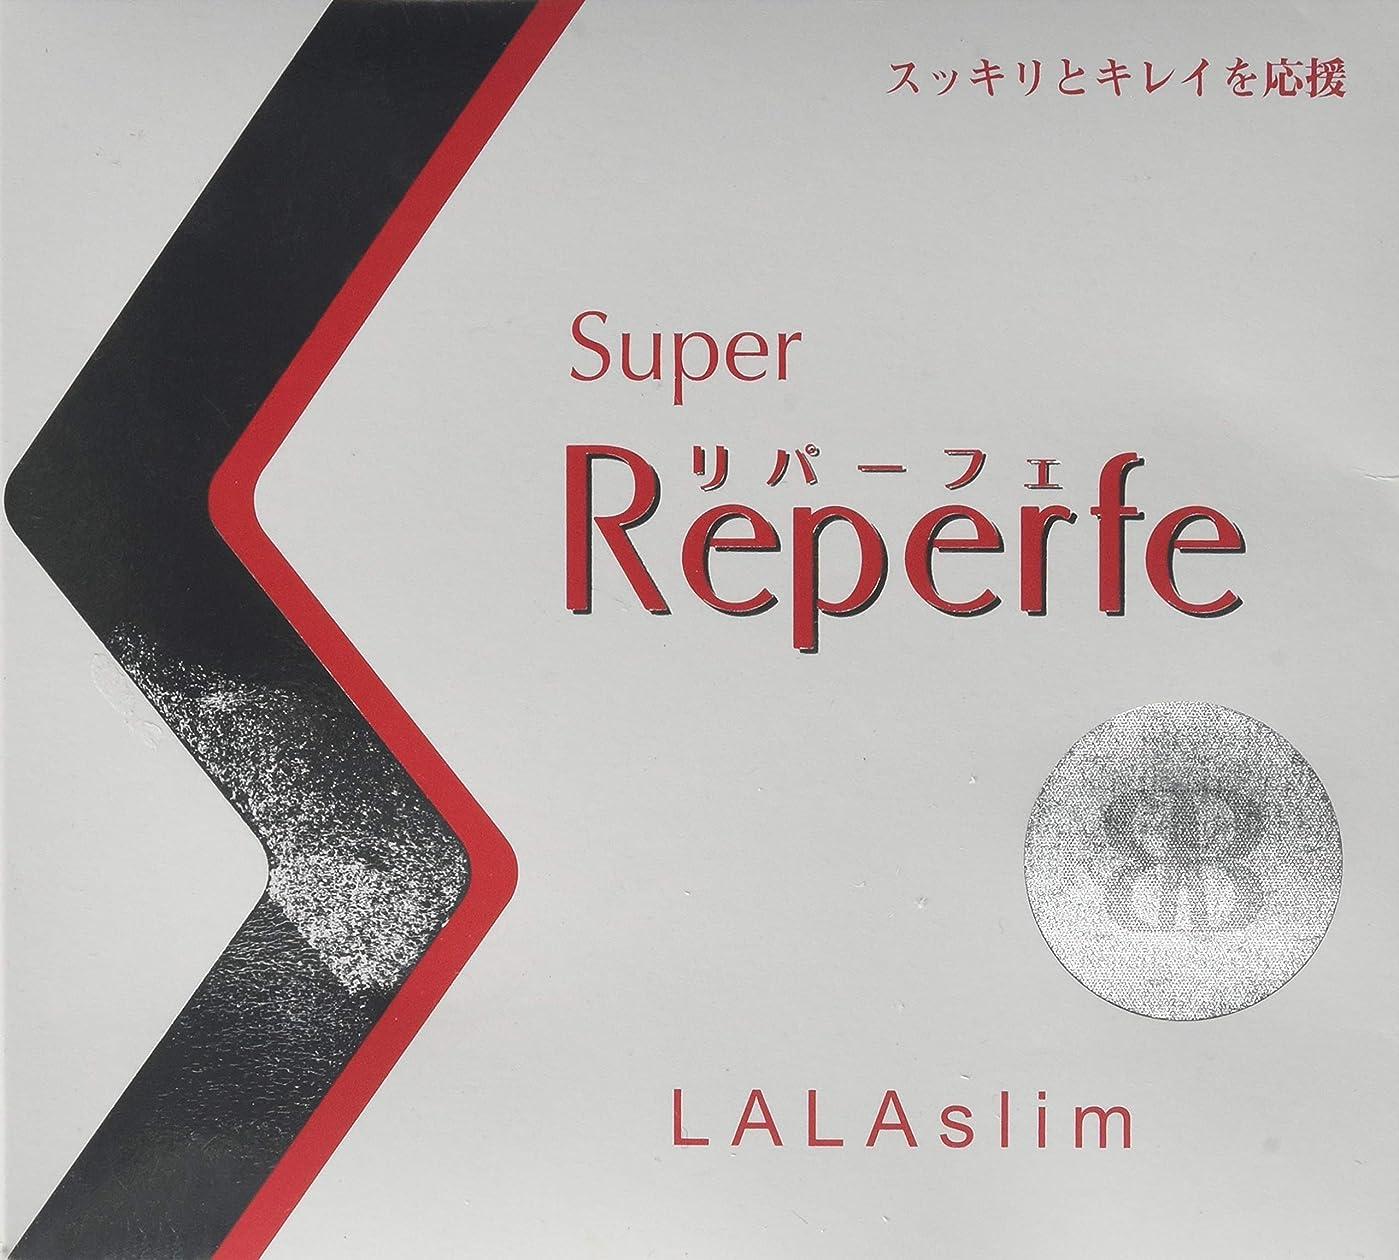 願望スーツケース謎スーパーリパーフェ ララスリム 錠剤タイプ×5箱